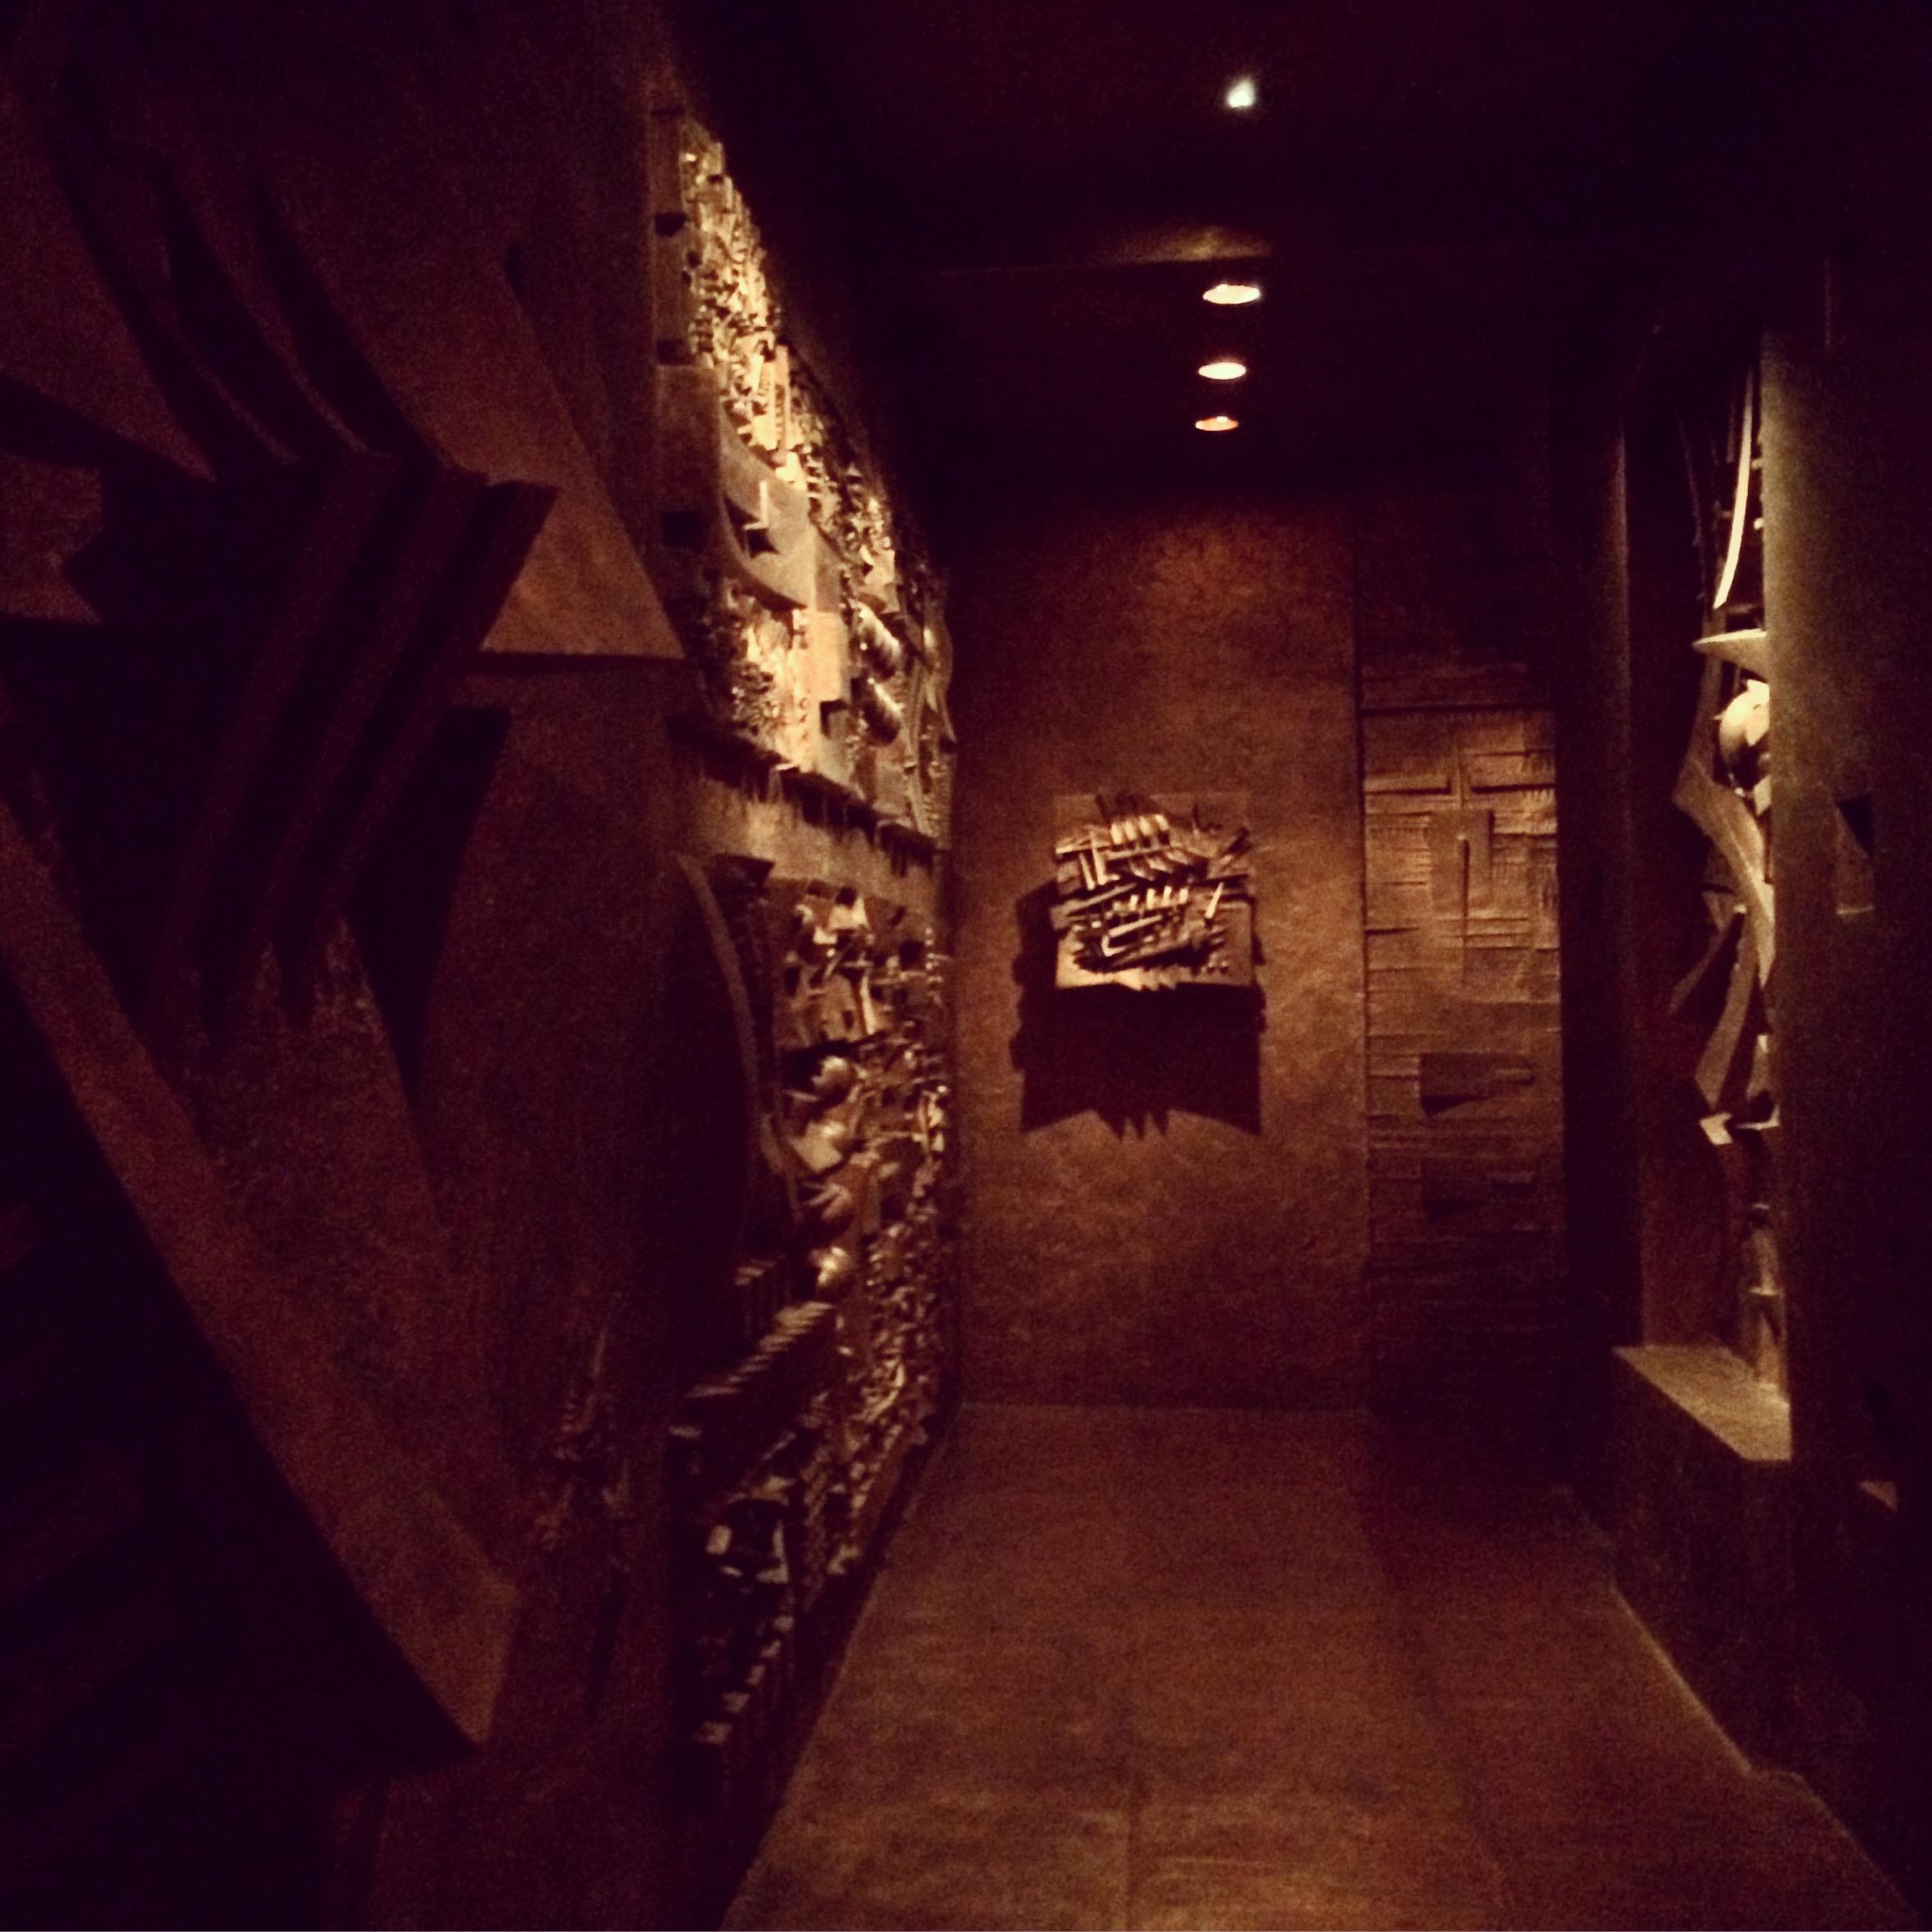 Le labyrinthe d'Arnaldo Pomodoro dans les sous-sols du showroom de la maison Fendi.